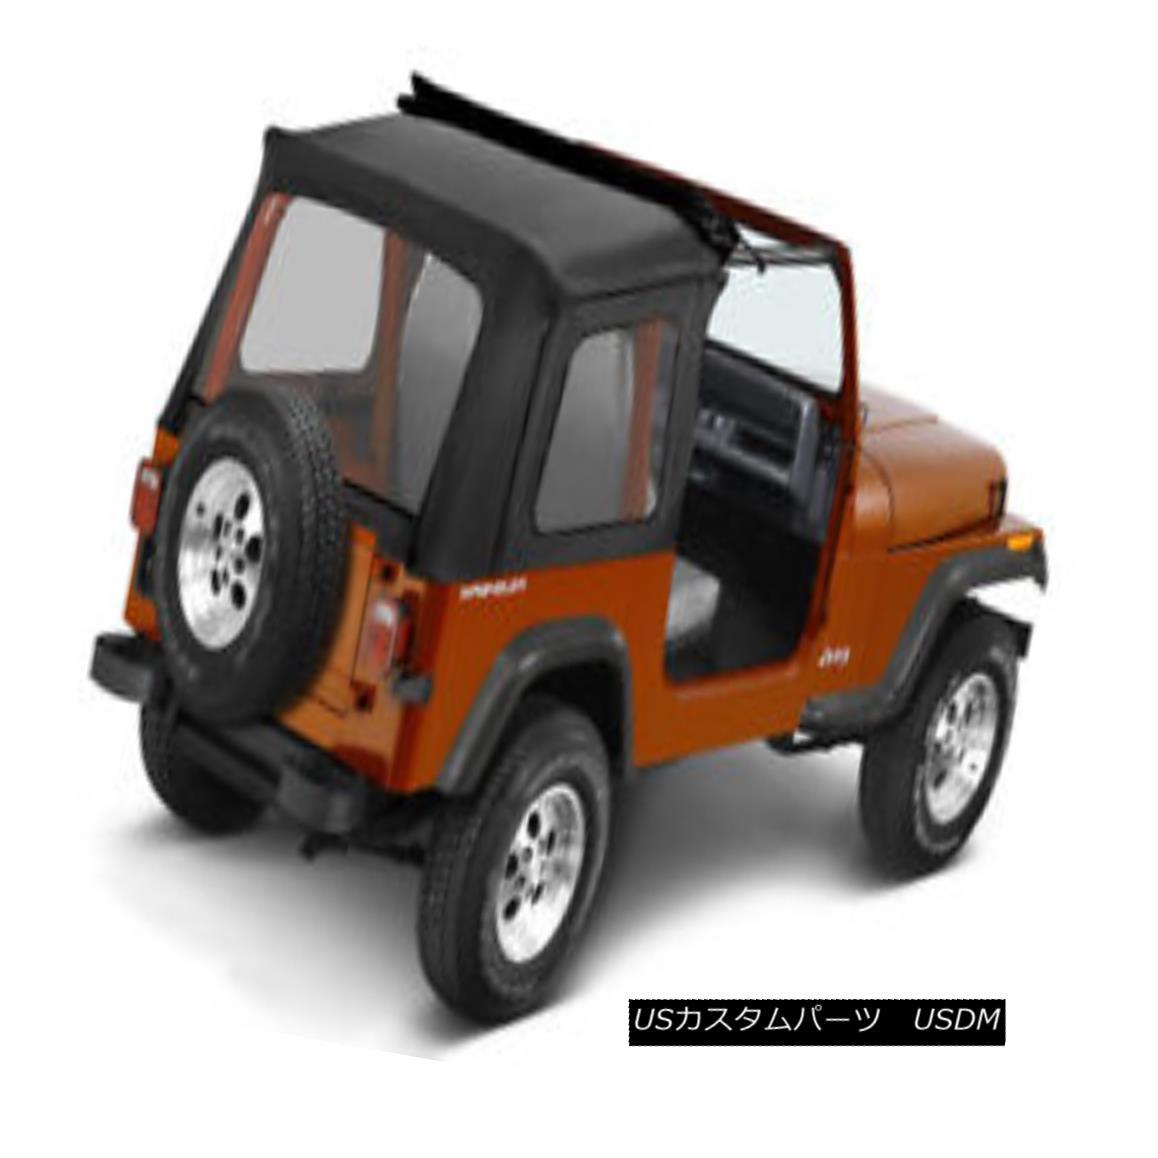 幌・ソフトトップ Bestop 51698-01 Jeep Sunrider Complete Replacement Soft Top Black Bestop 51698-01 Jeepサンライダー交換用ソフトトップブラック